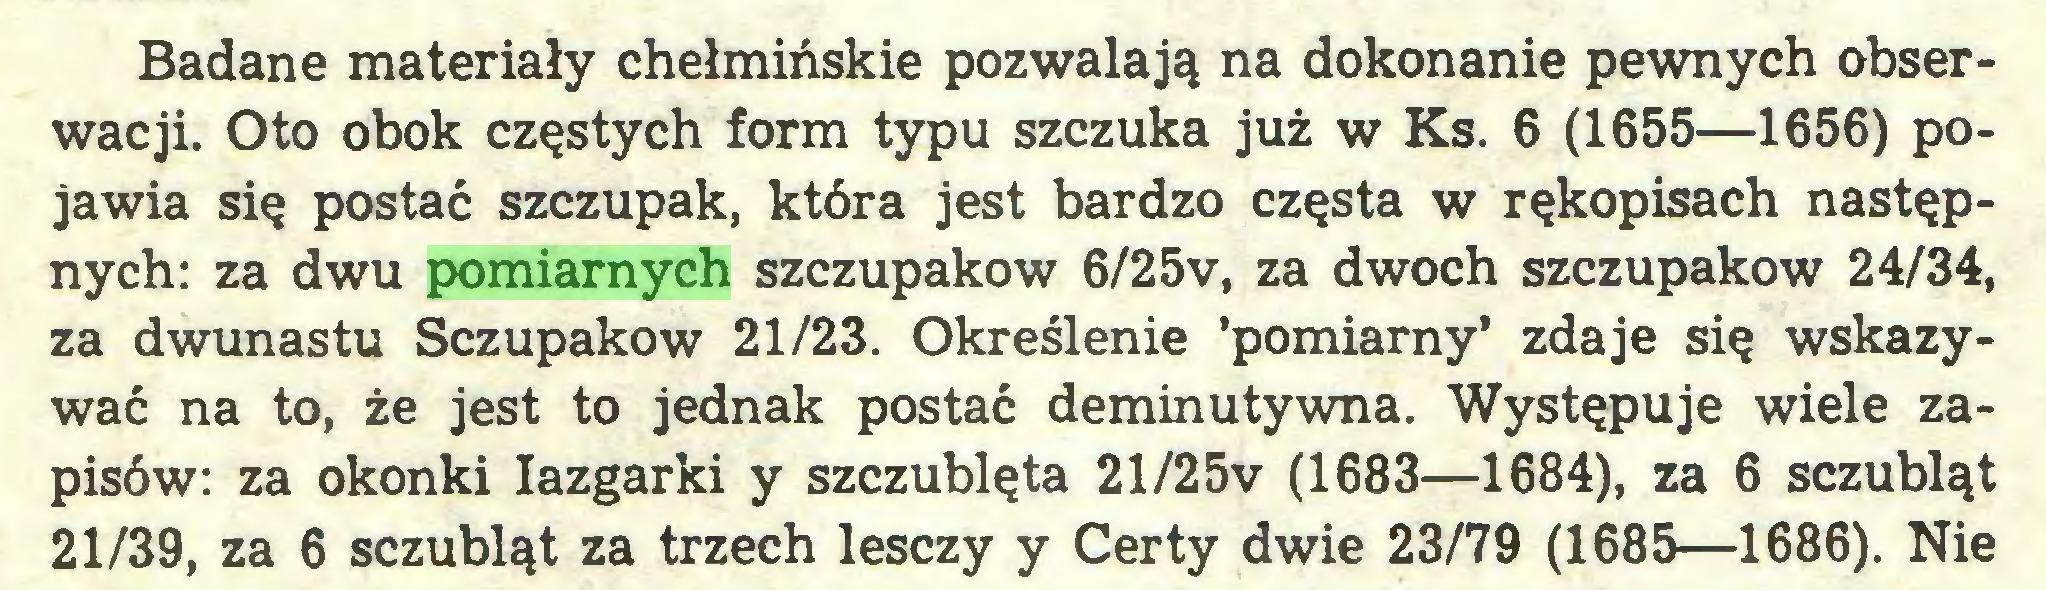 (...) Badane materiały chełmińskie pozwalają na dokonanie pewnych obserwacji. Oto obok częstych form typu szczuka już w Ks. 6 (1655—1656) pojawia się postać szczupak, która jest bardzo częsta w rękopisach następnych: za dwu pomiarnych szczupaków 6/25v, za dwóch szczupaków 24/34, za dwunastu Sczupakow 21/23. Określenie 'pomiarny* zdaje się wskazywać na to, że jest to jednak postać deminutywną. Występuje wiele zapisów: za okonki Iazgarki y szczublęta 21/25v (1683—1684), za 6 sczubląt 21/39, za 6 sczubląt za trzech lesczy y Certy dwie 23/79 (1685—1686). Nie...